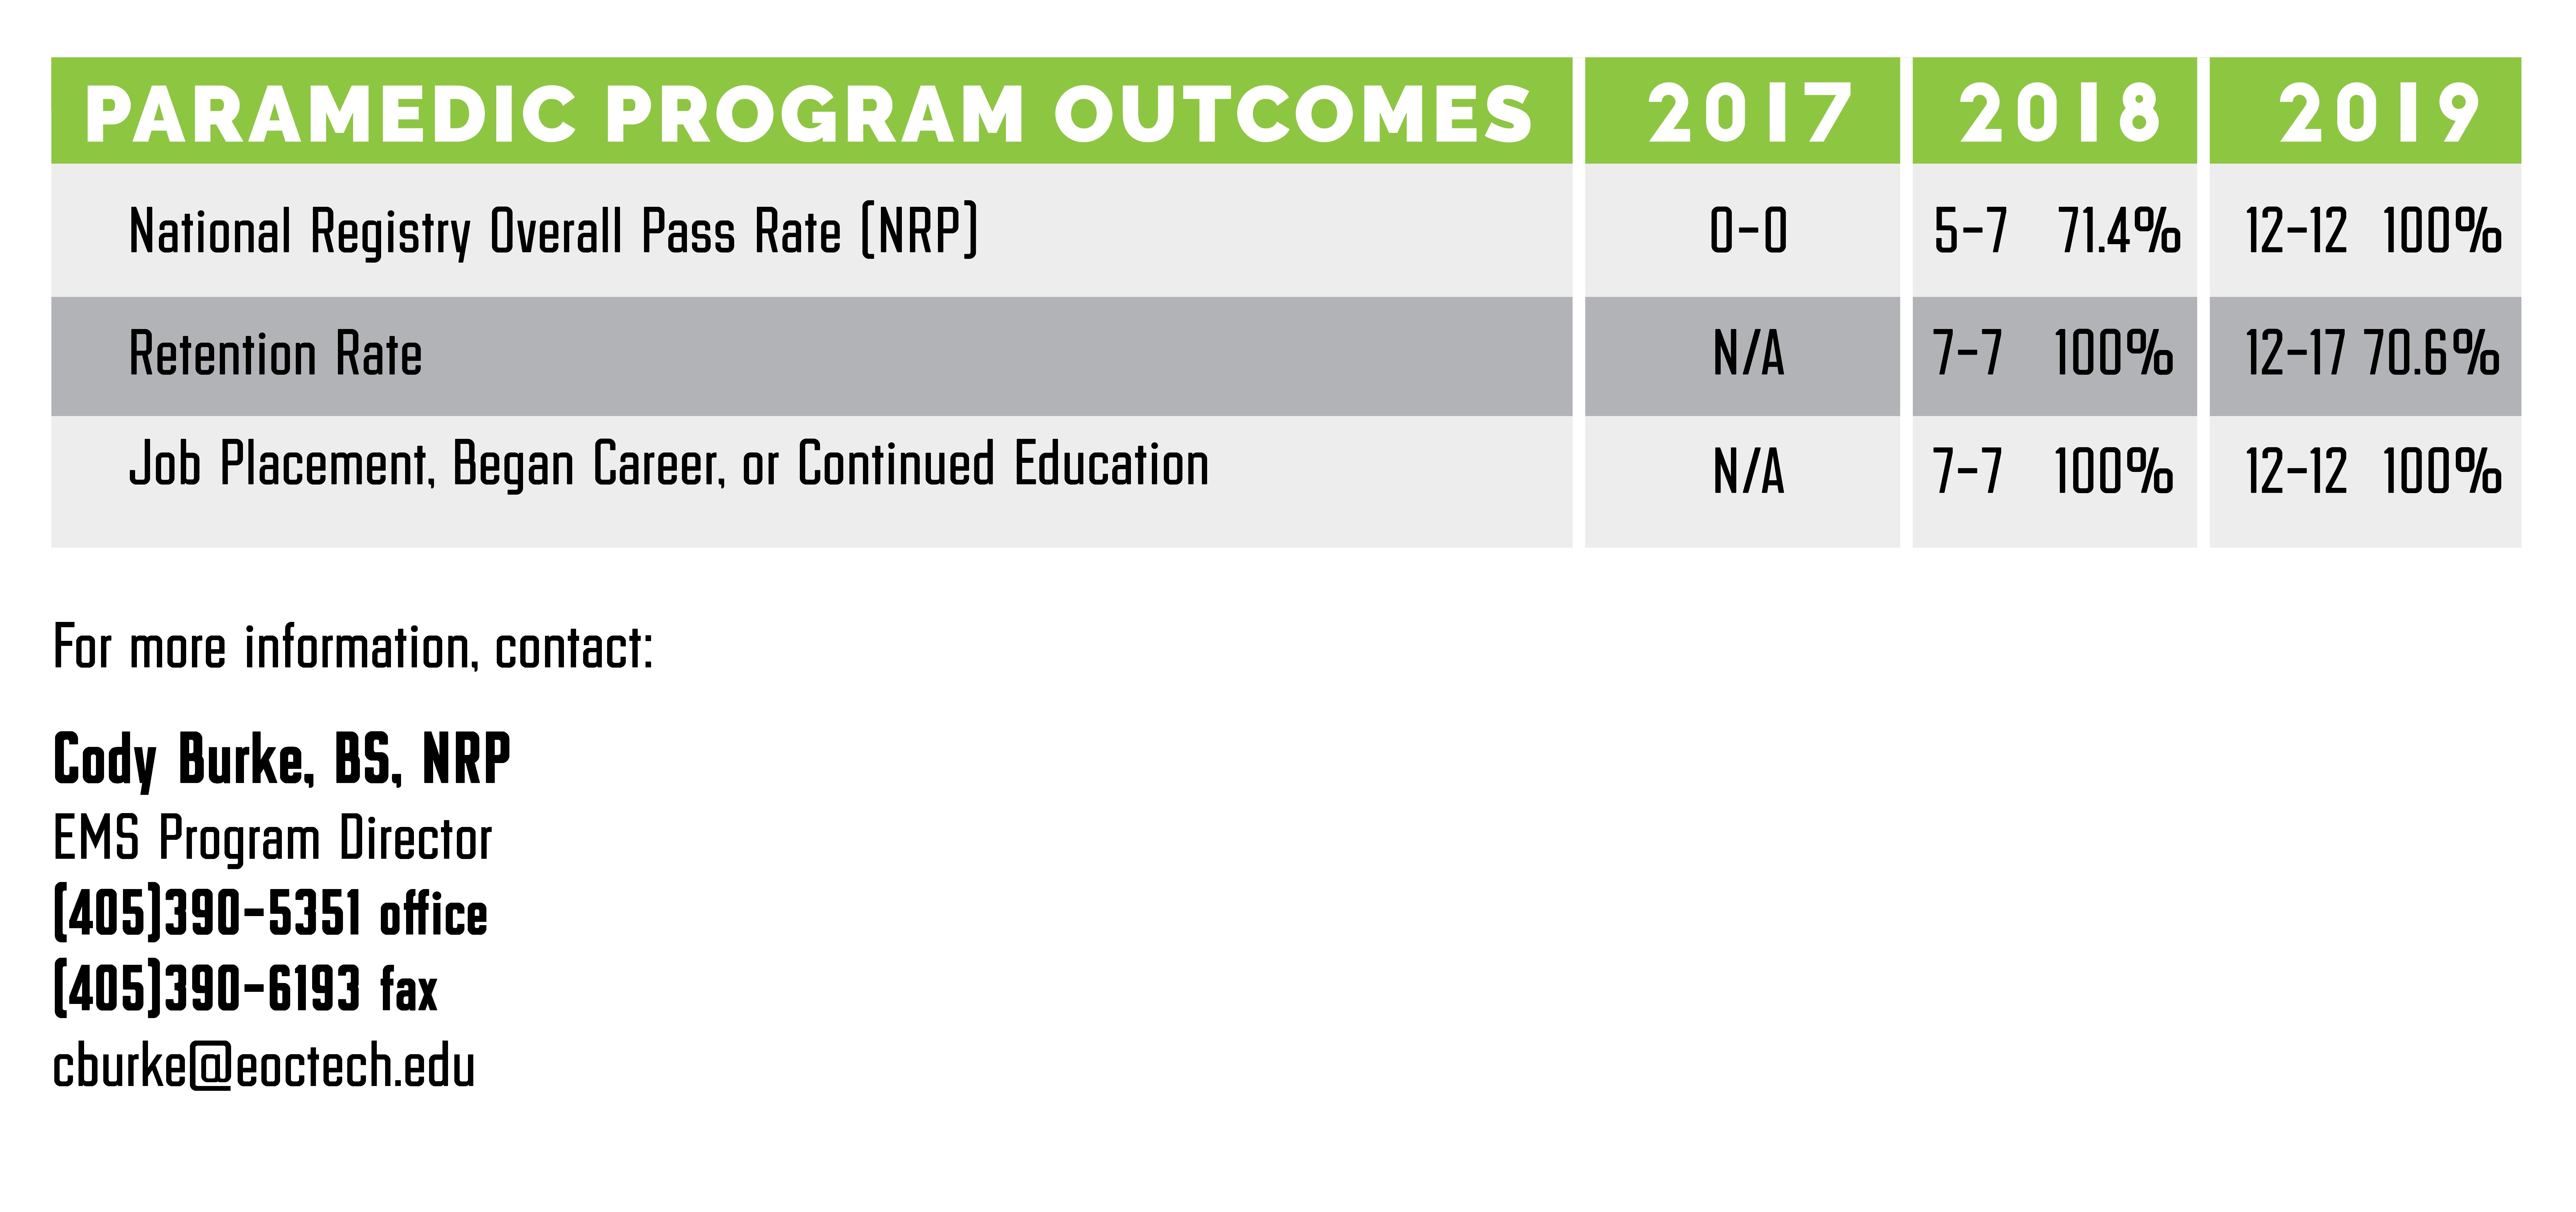 Paramedic Program Outcomes 2017-2019